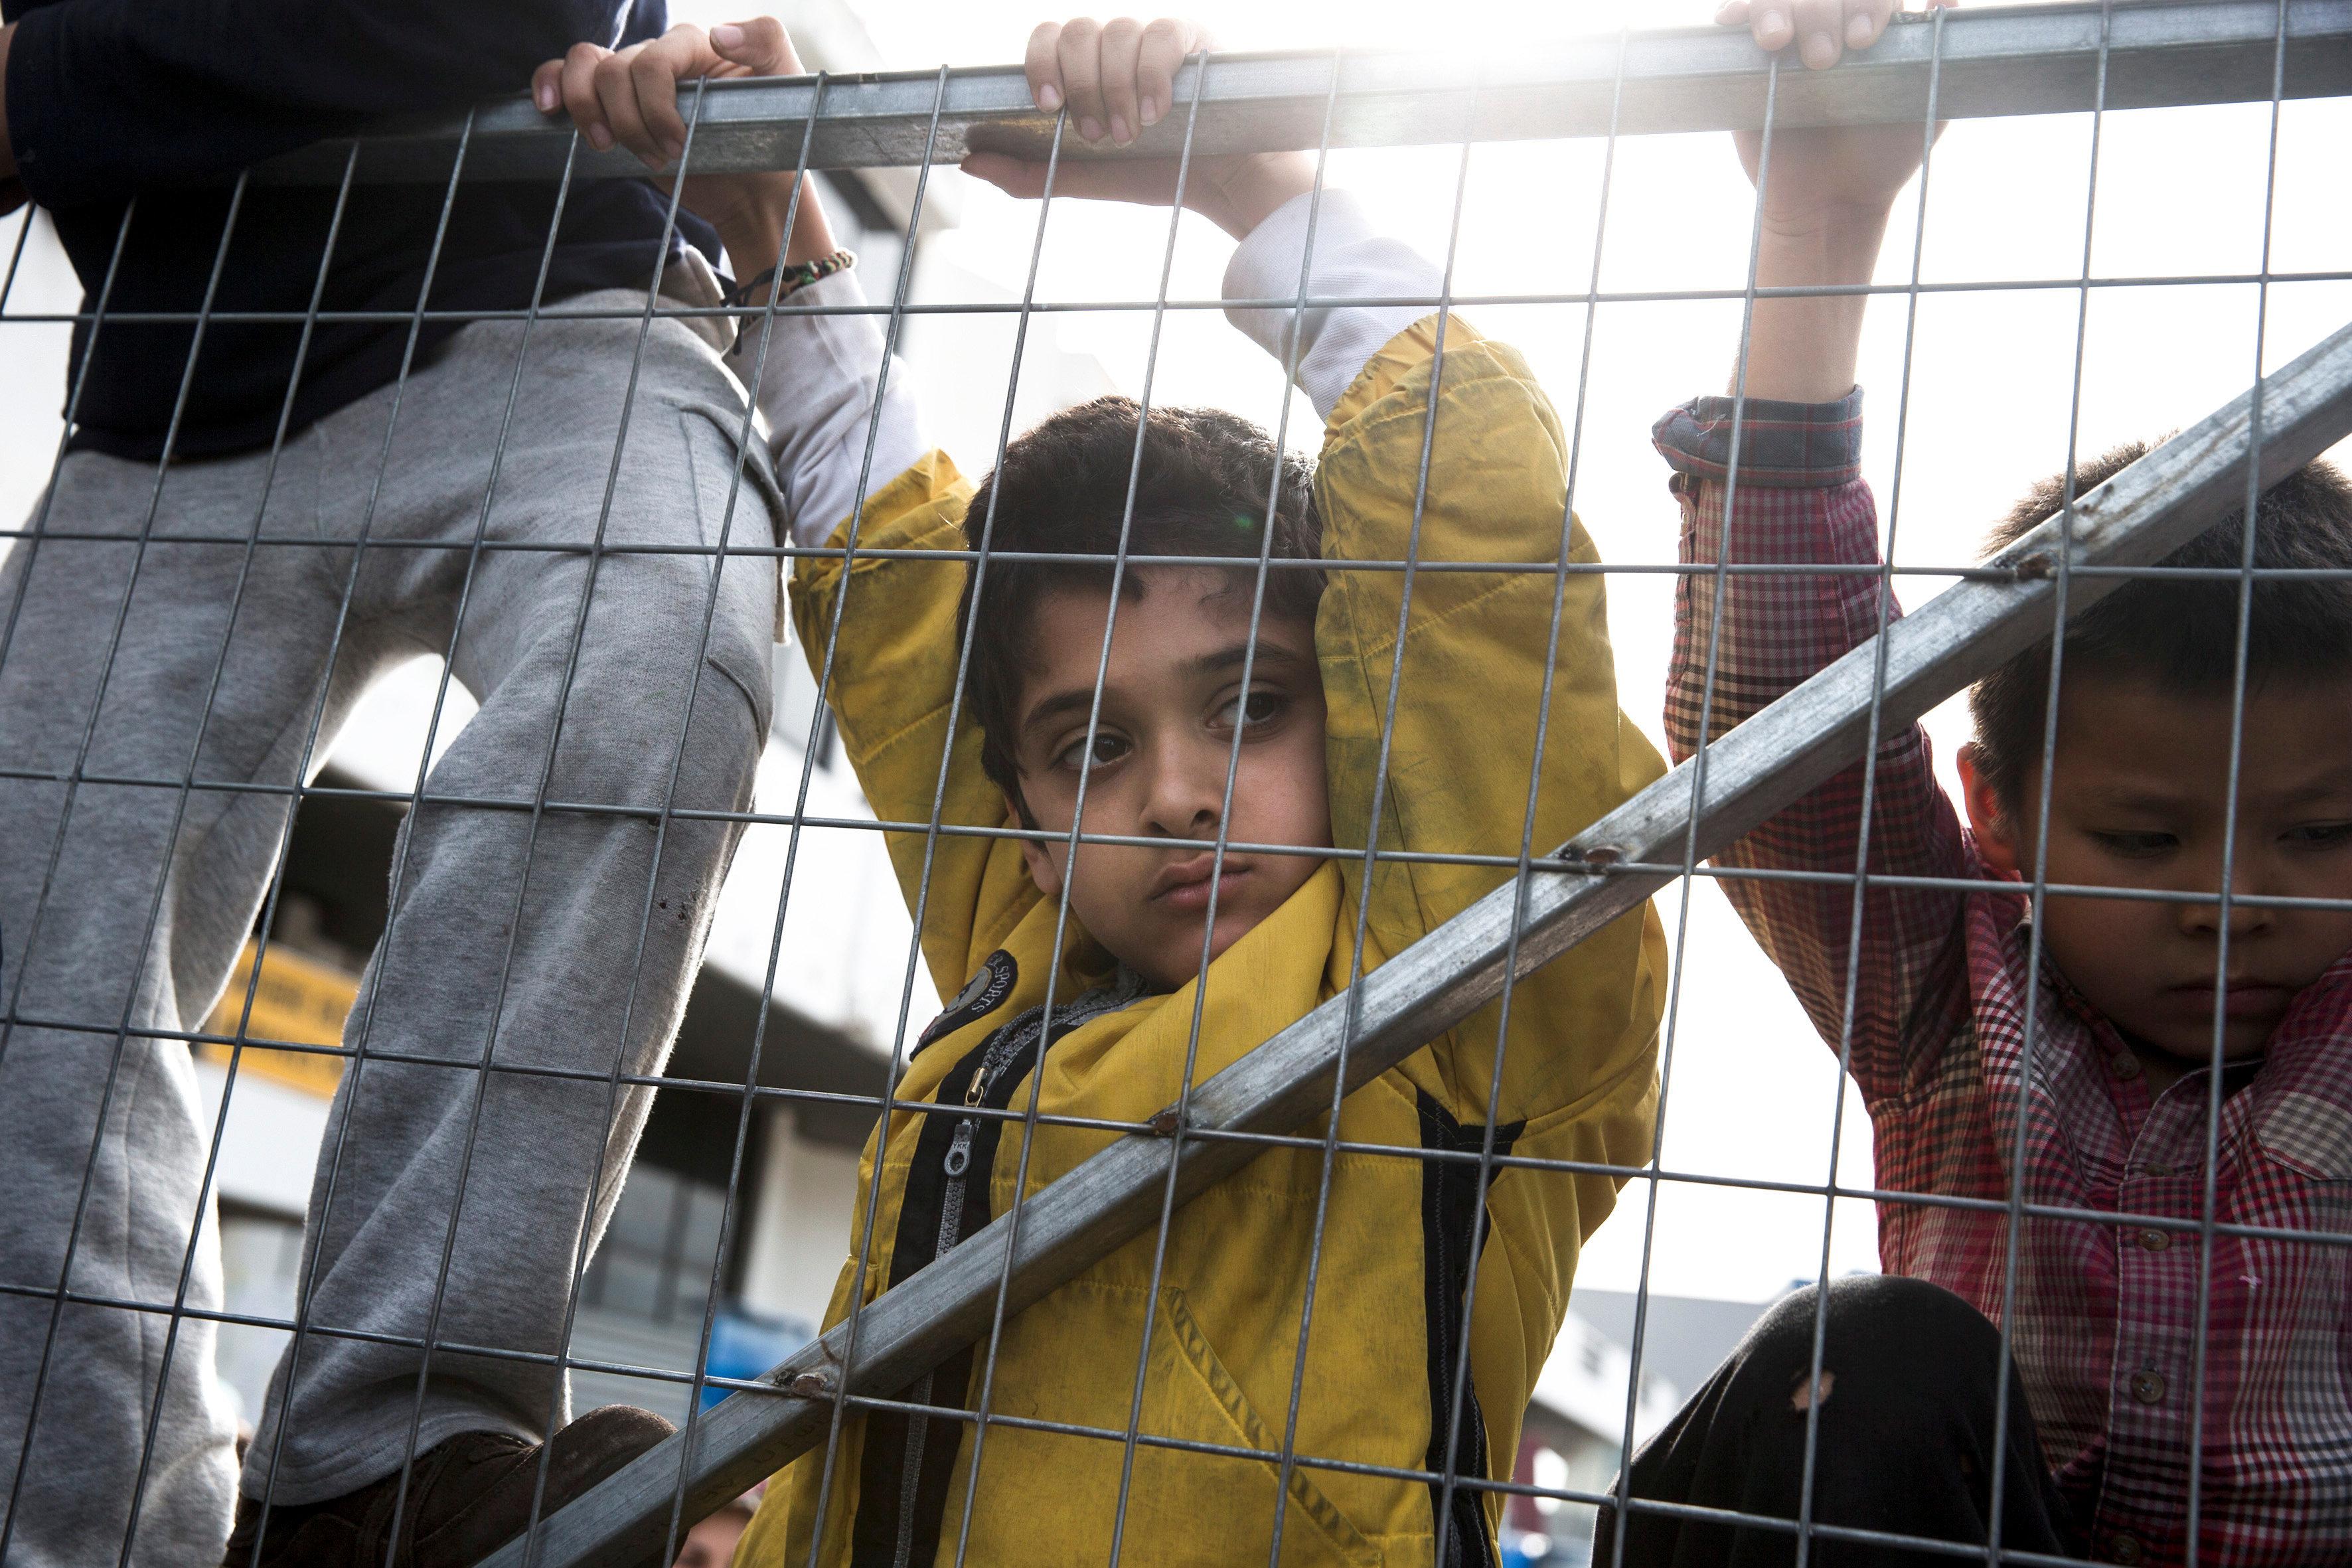 Το 15% των ασυνόδευτων ανηλίκων σε Αθήνα και Θεσσαλονίκη ζουν σε συνθήκες